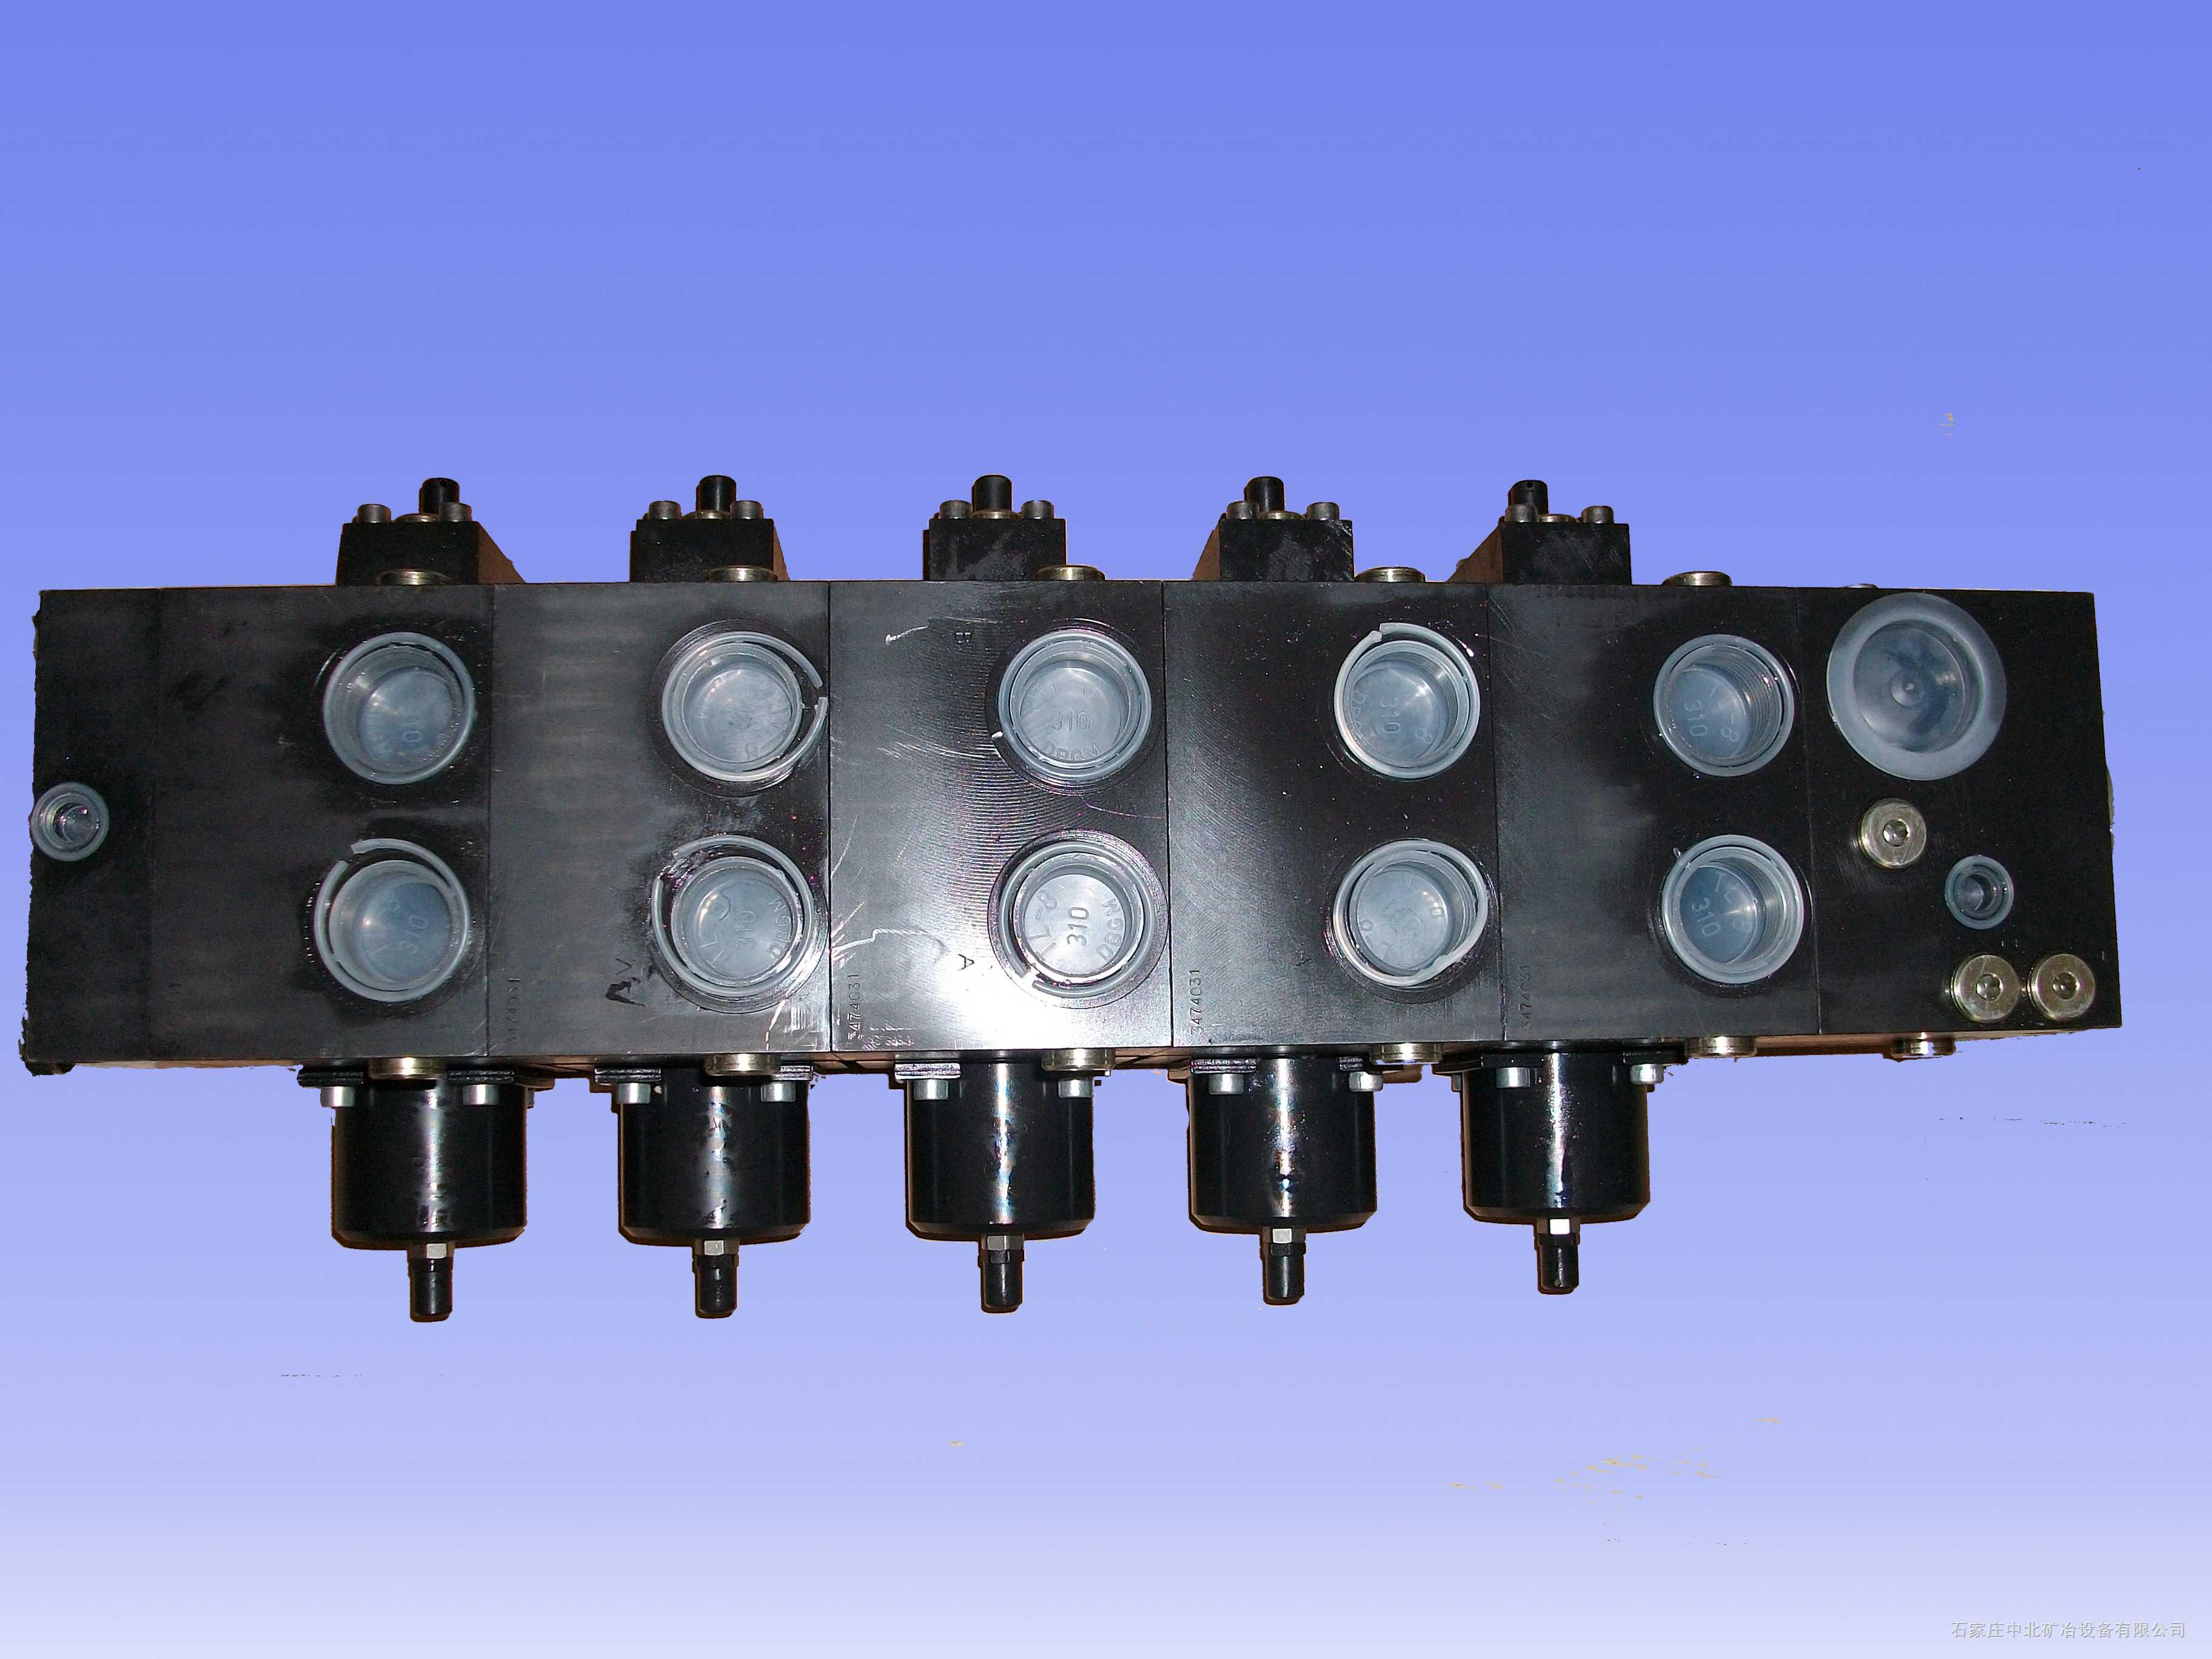 佳木斯煤机公司EBZ300型掘进机用PSVFA2/300/6-5-2-E2系列多路换向阀